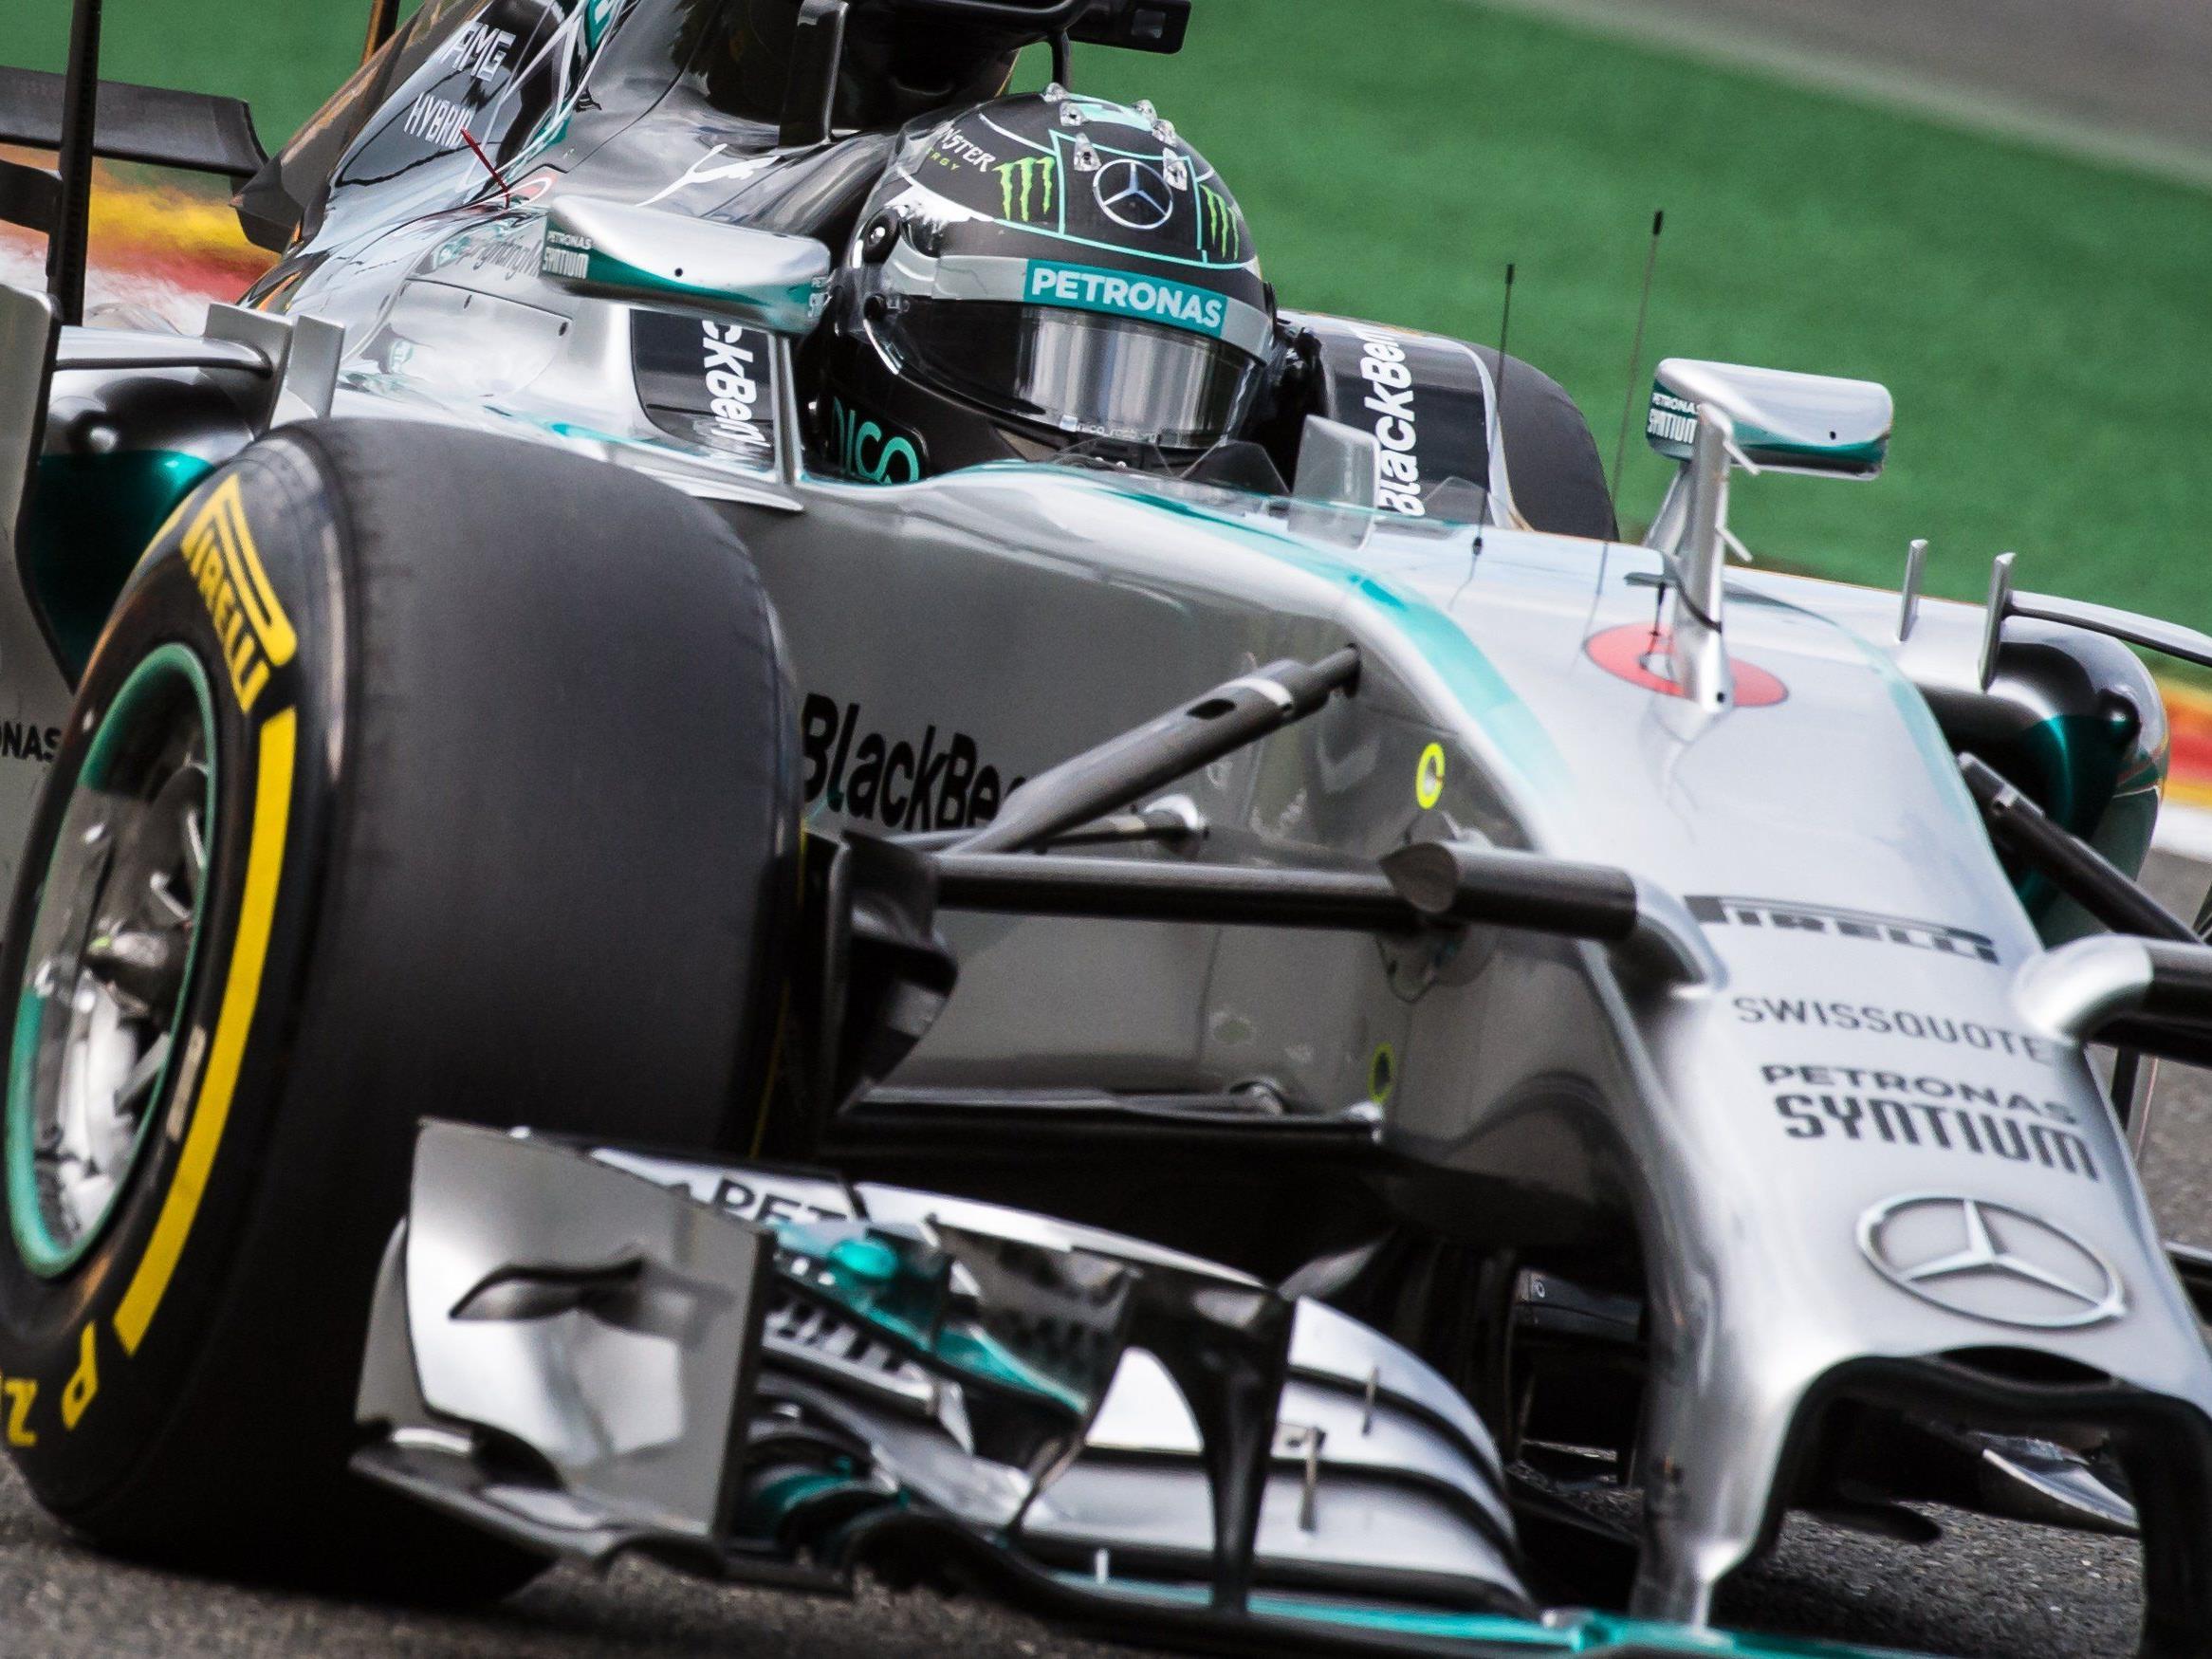 WM-Rivale und Mercedes-Teamkollege Hamilton Zweiter - Vettel mit Riesenrückstand Dritter.